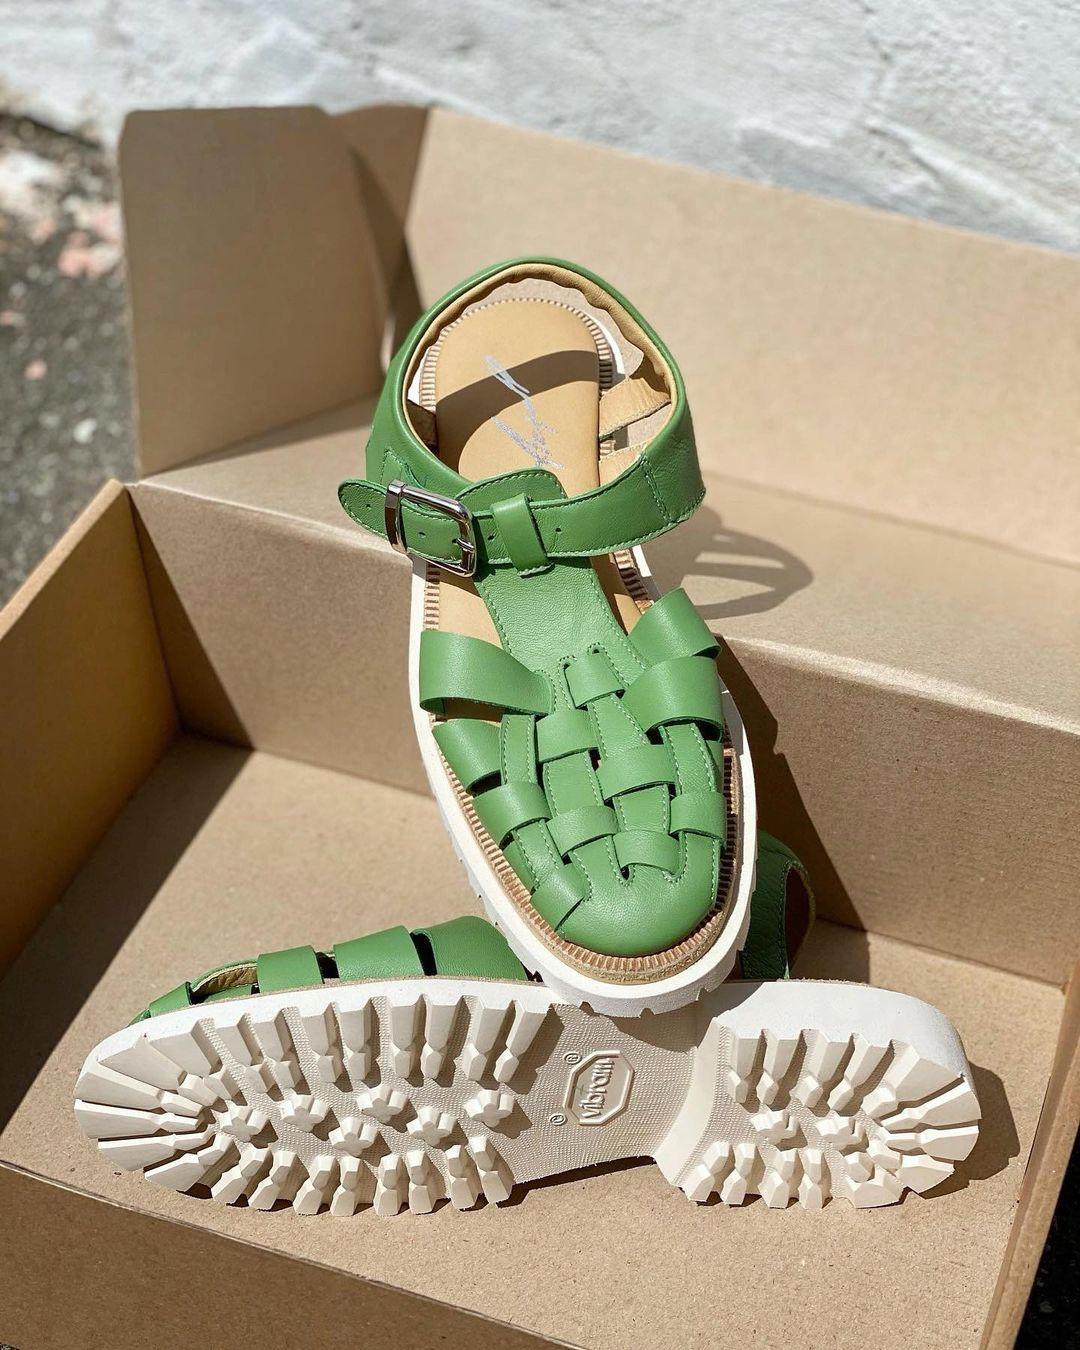 модная обувь лето 2021 на низком ходу плоская подошва без каблука женская босоножки сандалии рыбацкие рыбака дедушкины кожаные зеленые